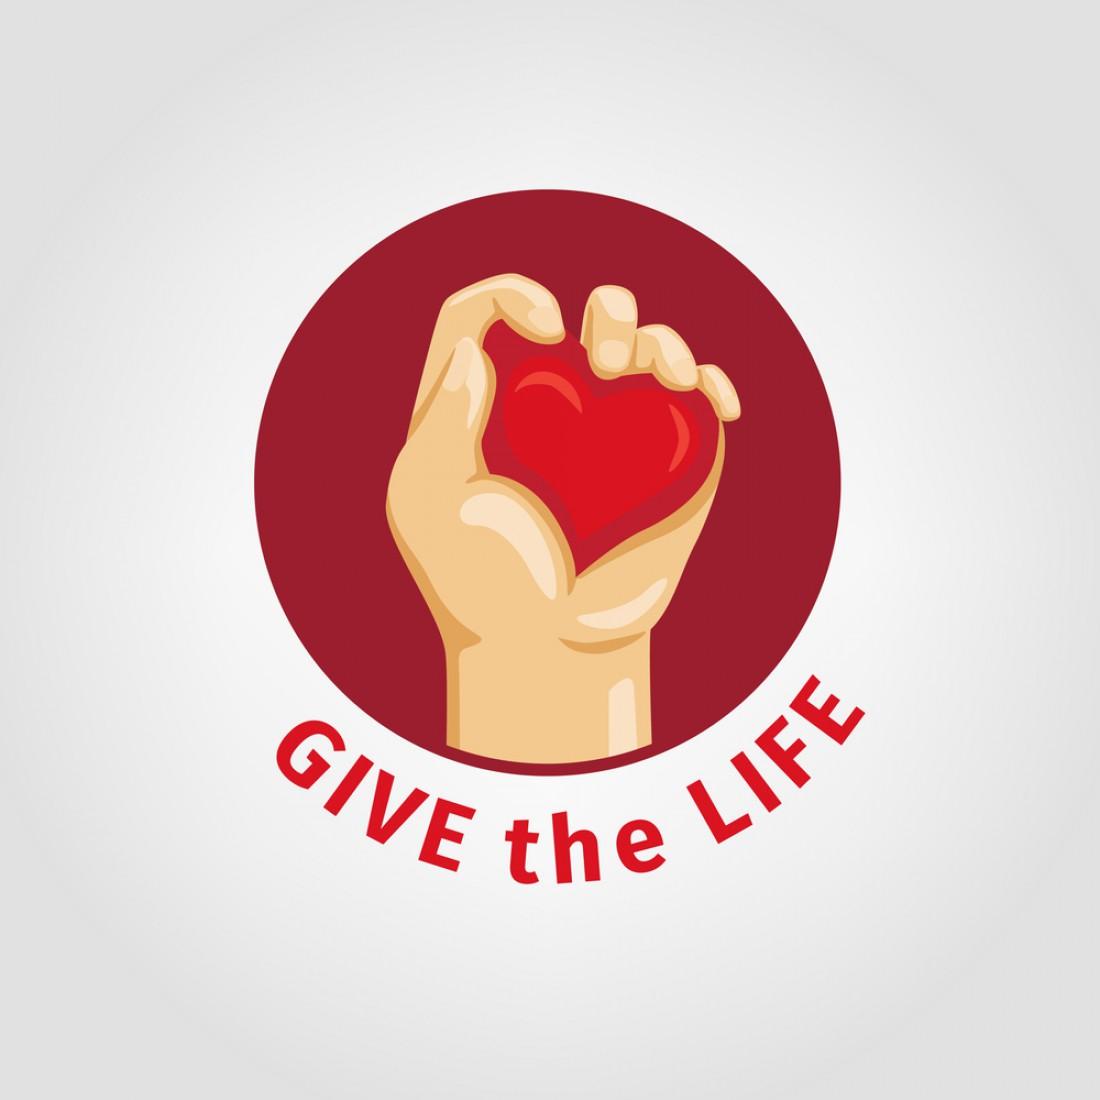 Как стать донором крови и зачем это нужно